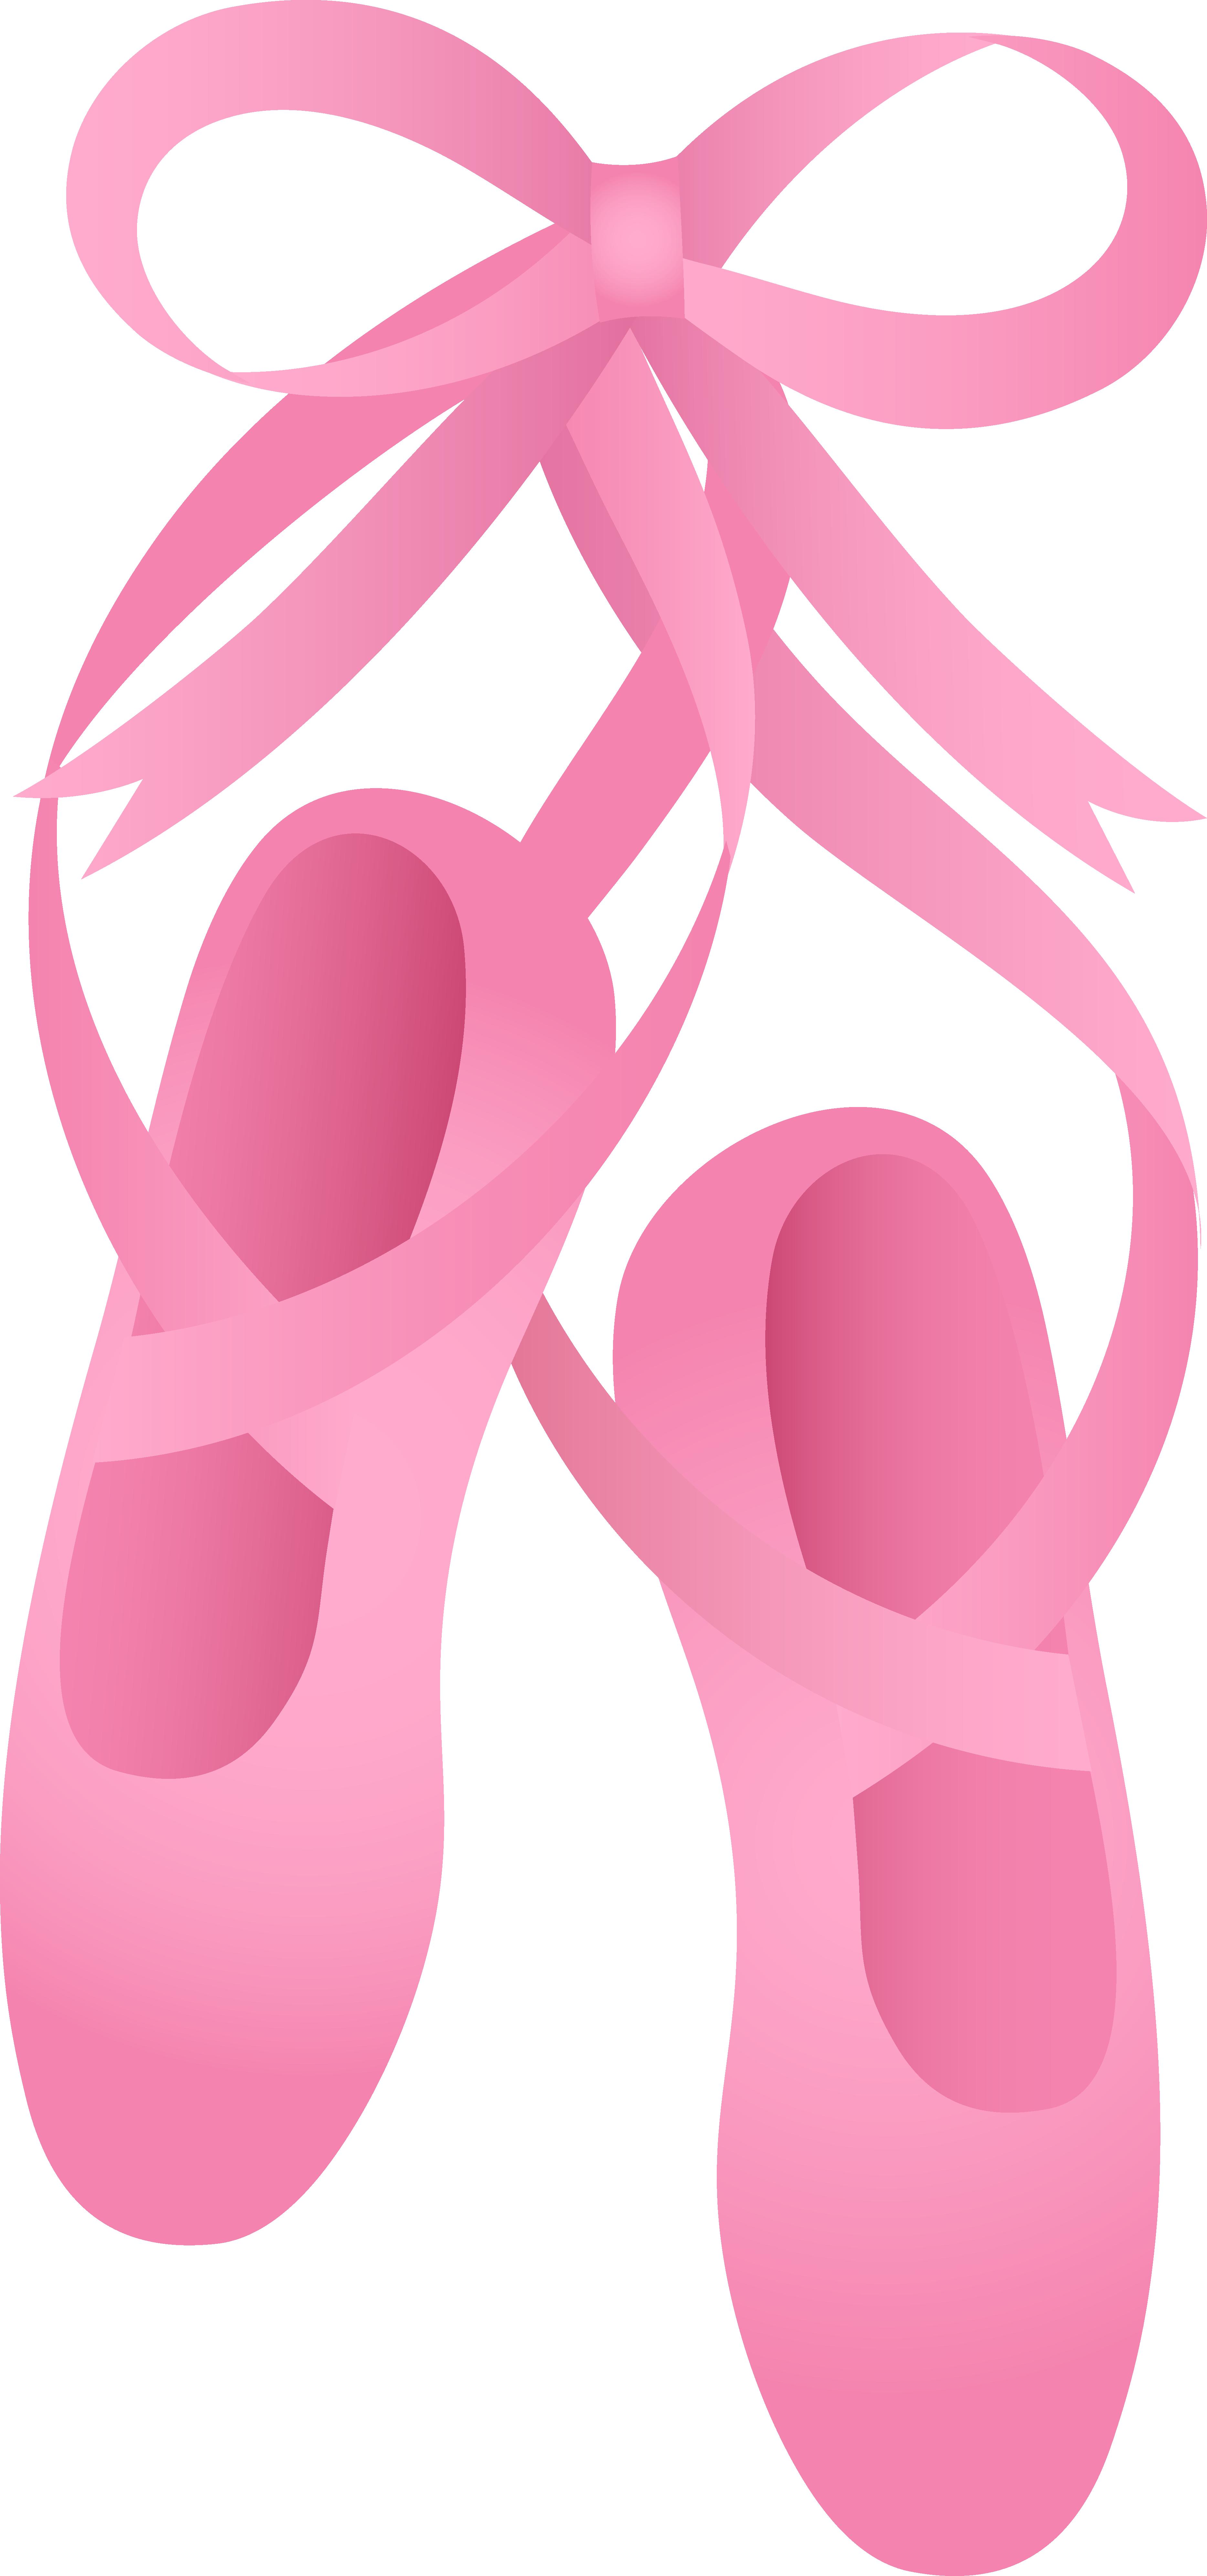 Cartoon Ballet Shoes Clipart Best. Pair -Cartoon Ballet Shoes Clipart Best. Pair of Pink Ballet Slippers-11